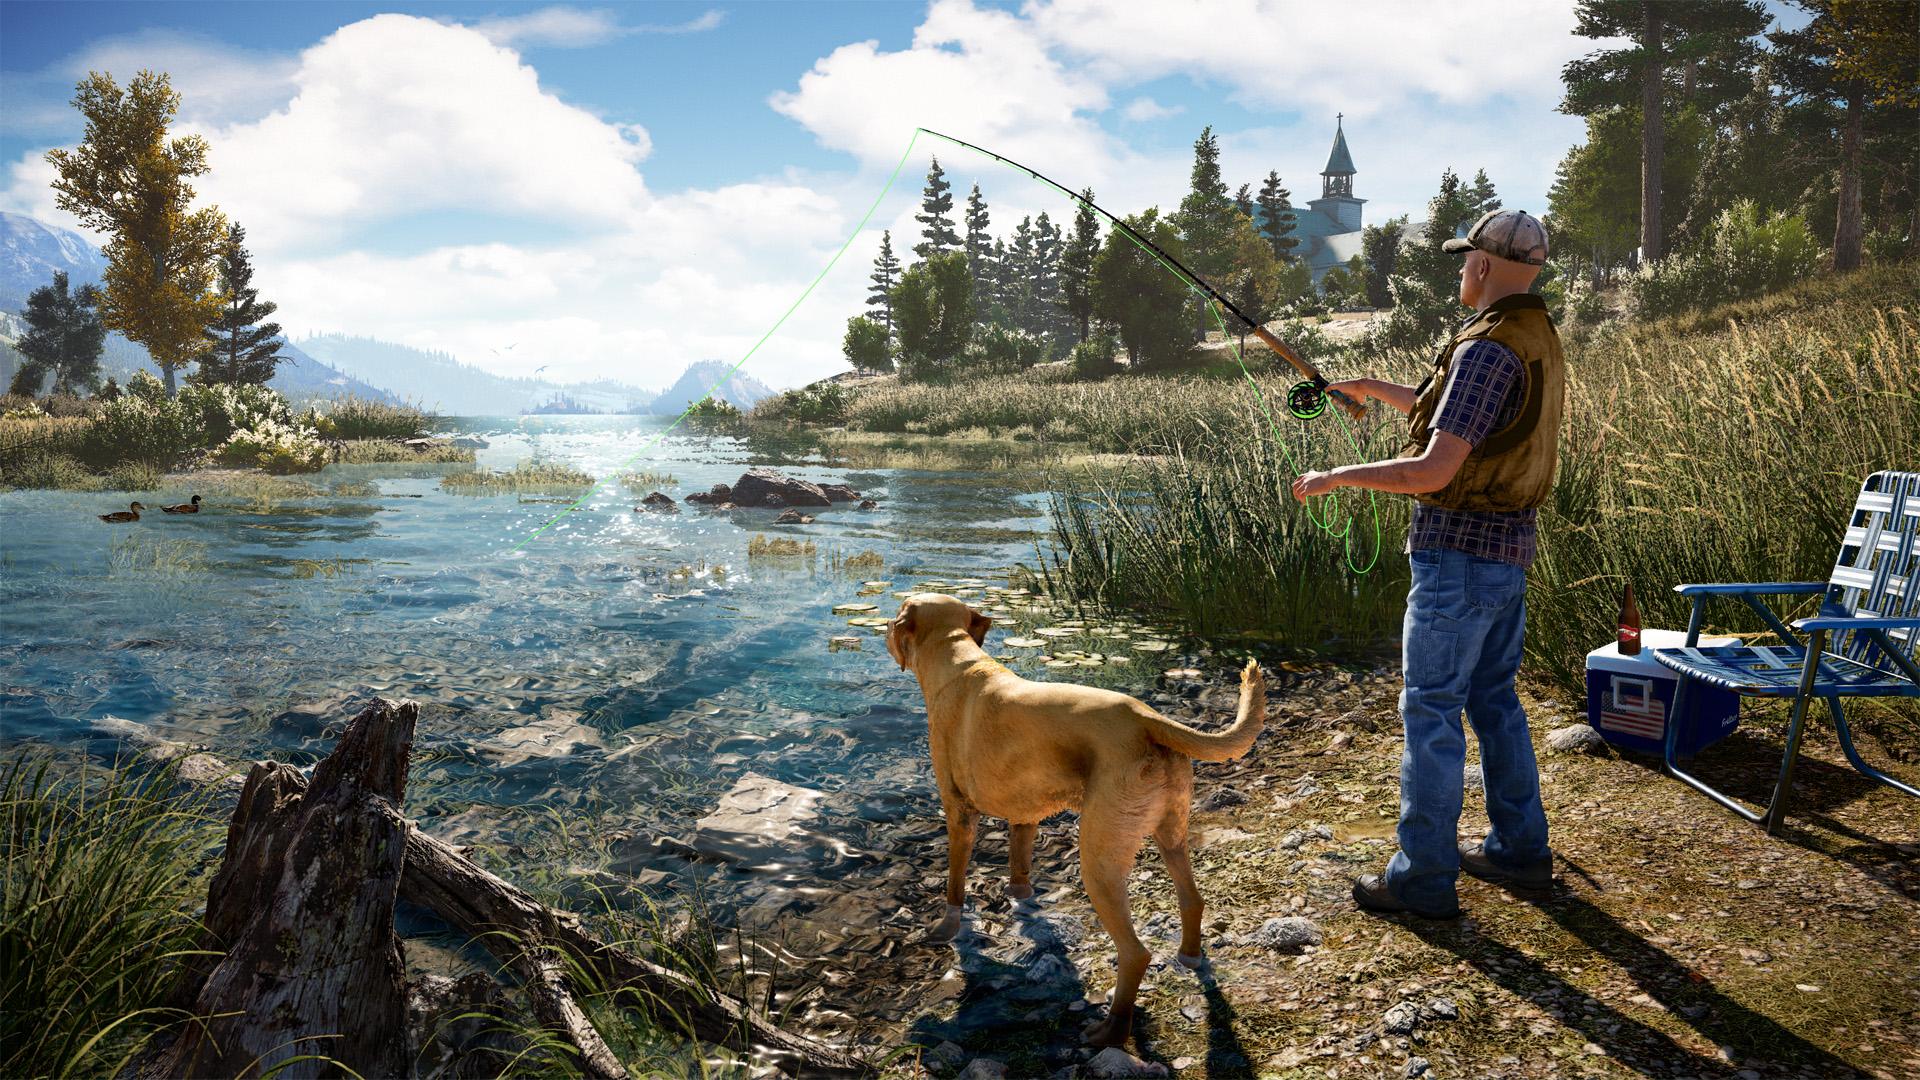 孤岛惊魂5(Far Cry 5)免安装简繁中文绿色版|DLC|升级档|网盘下载